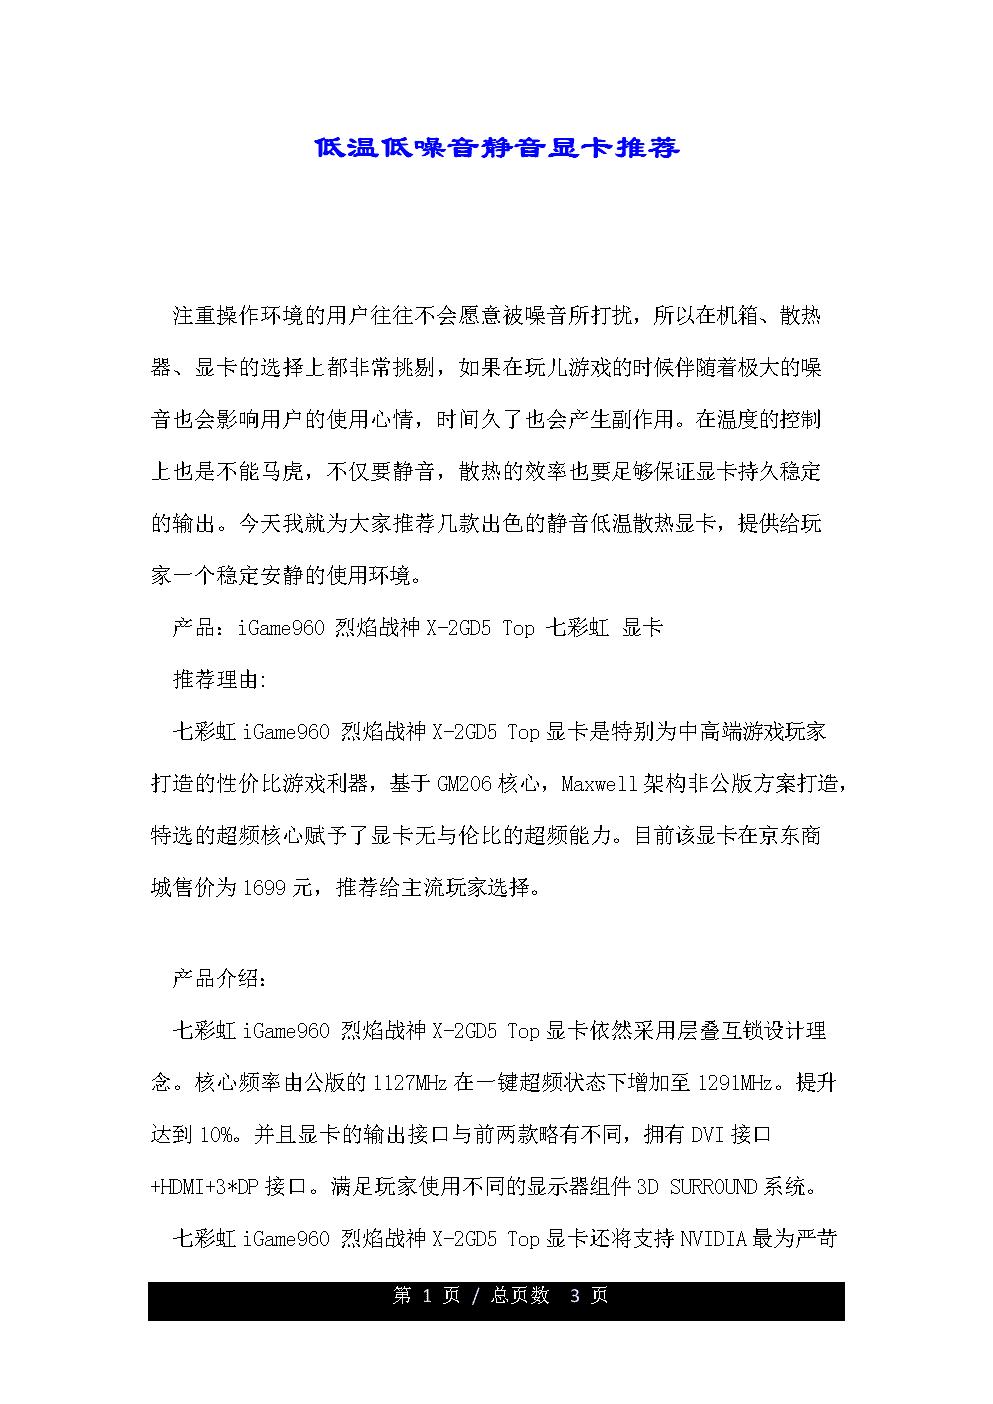 低温低噪音静音显卡推荐.doc